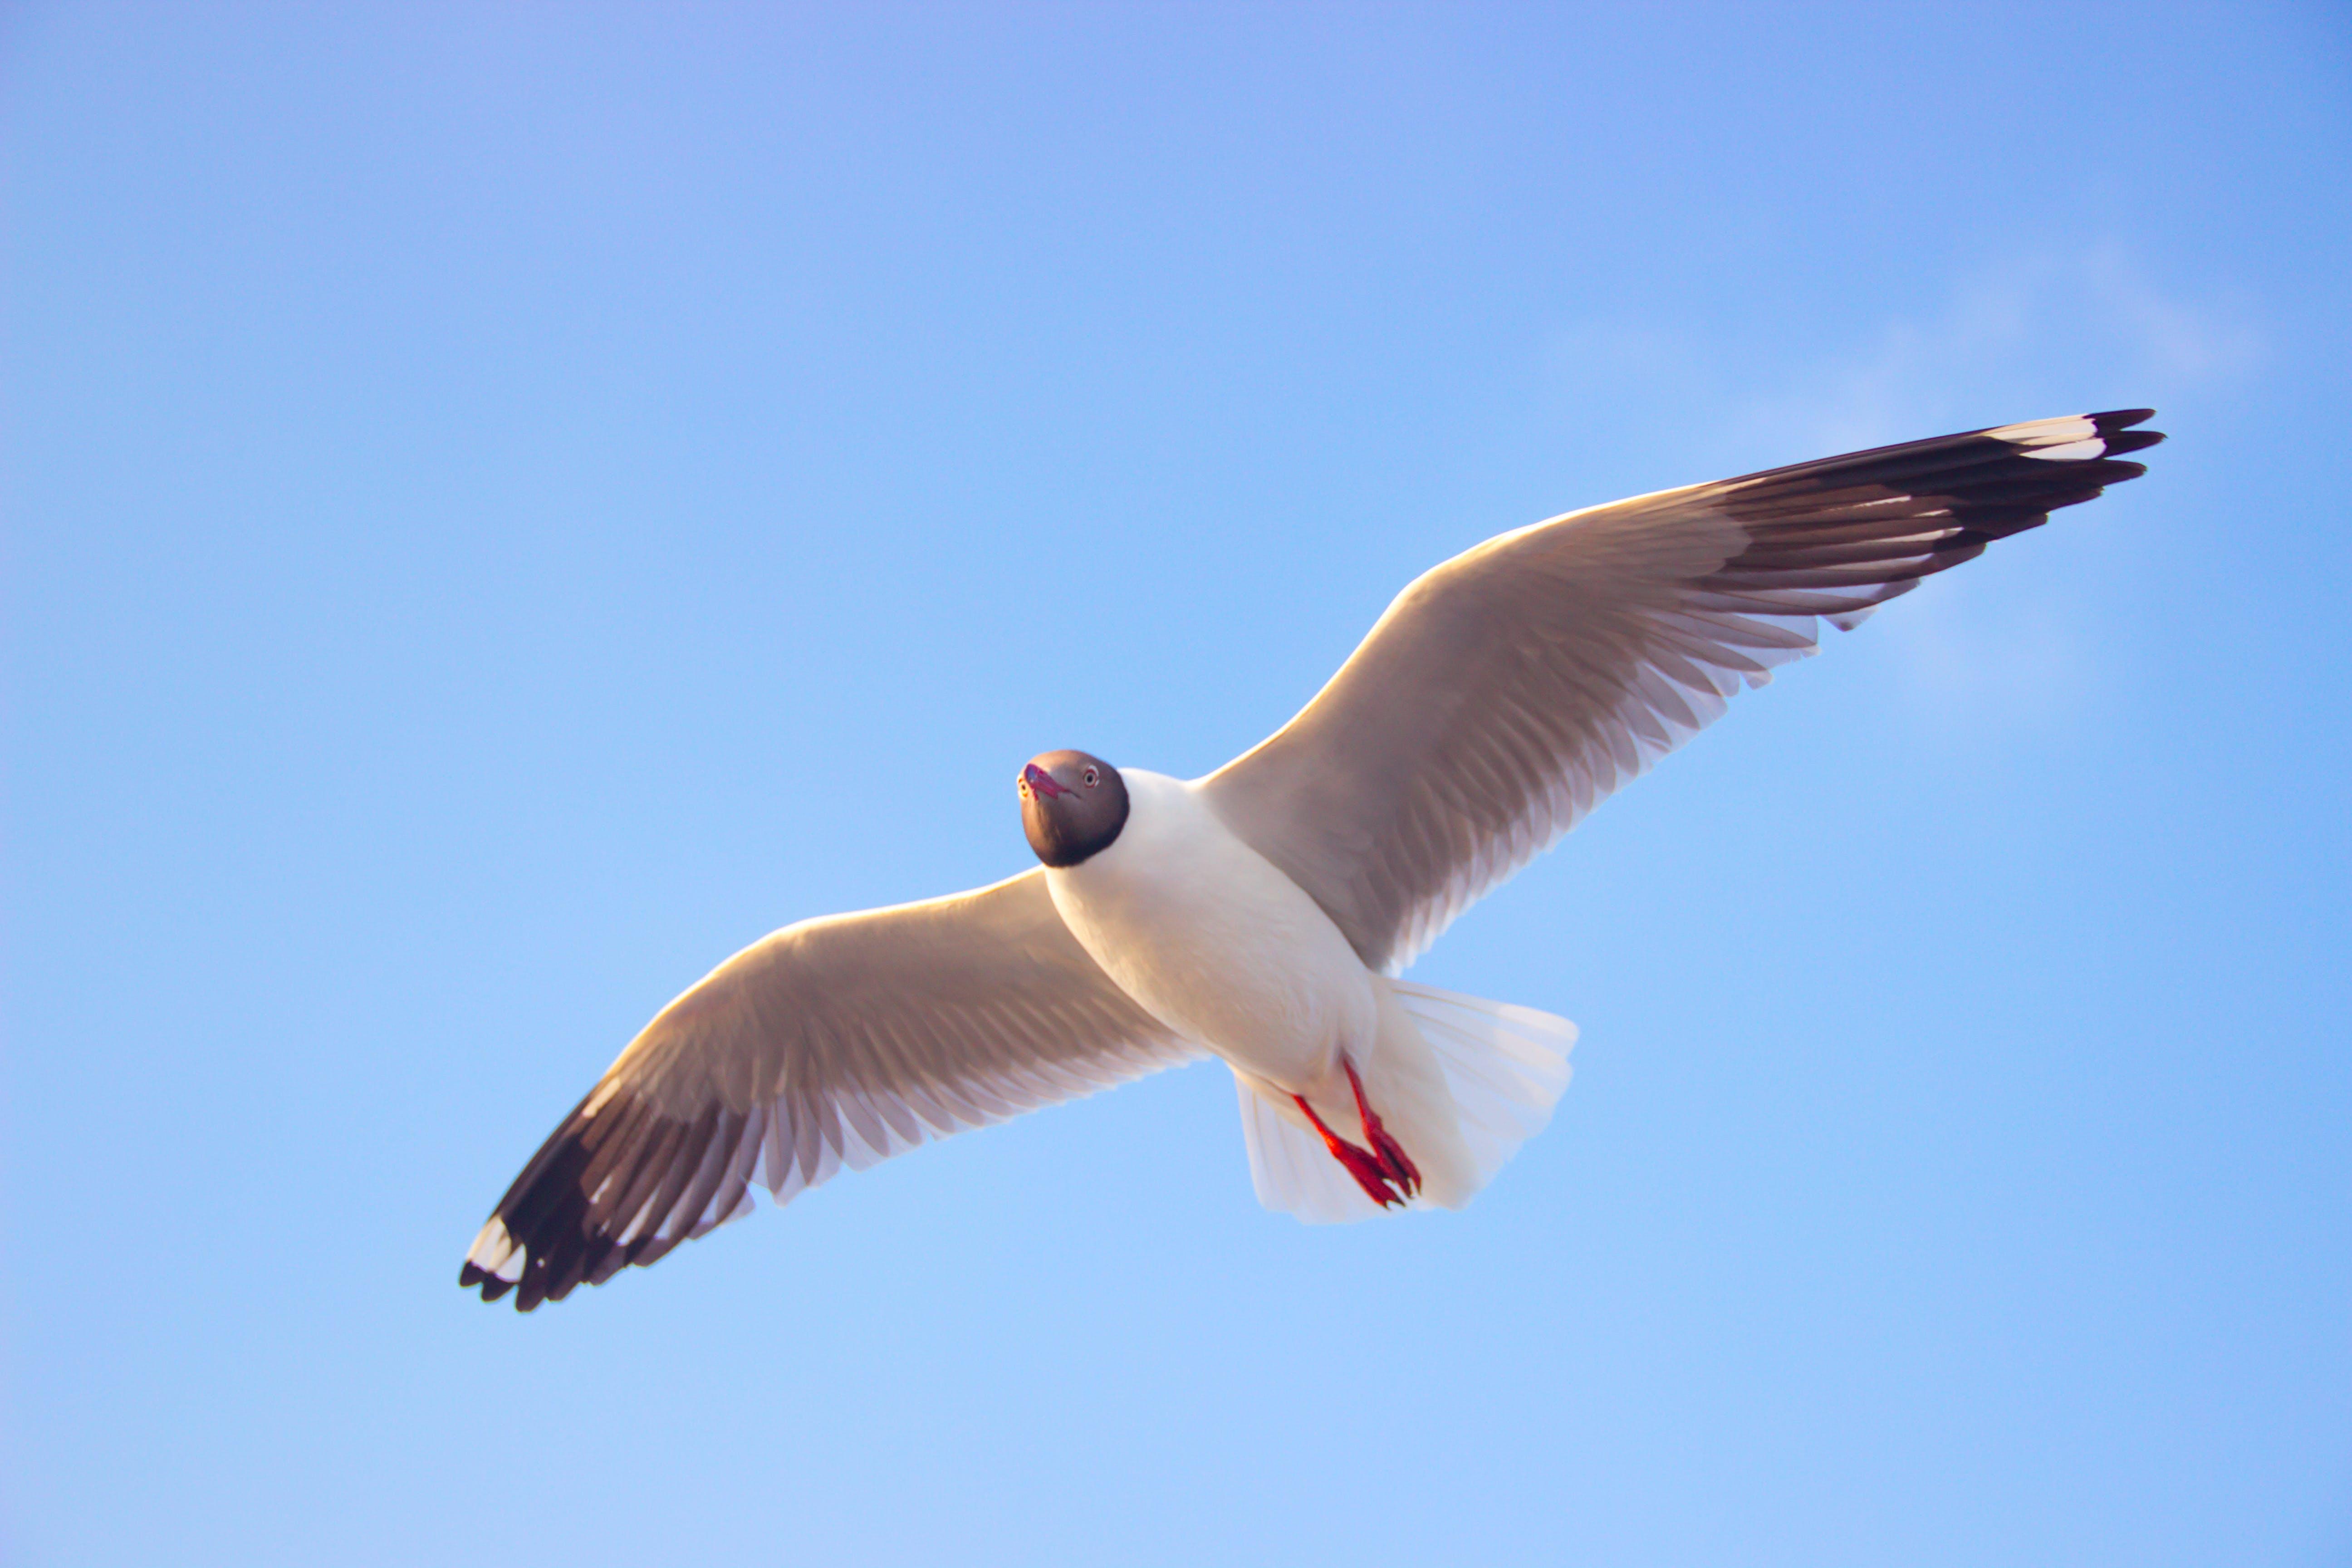 깃털, 날개, 날으는, 동물의 무료 스톡 사진